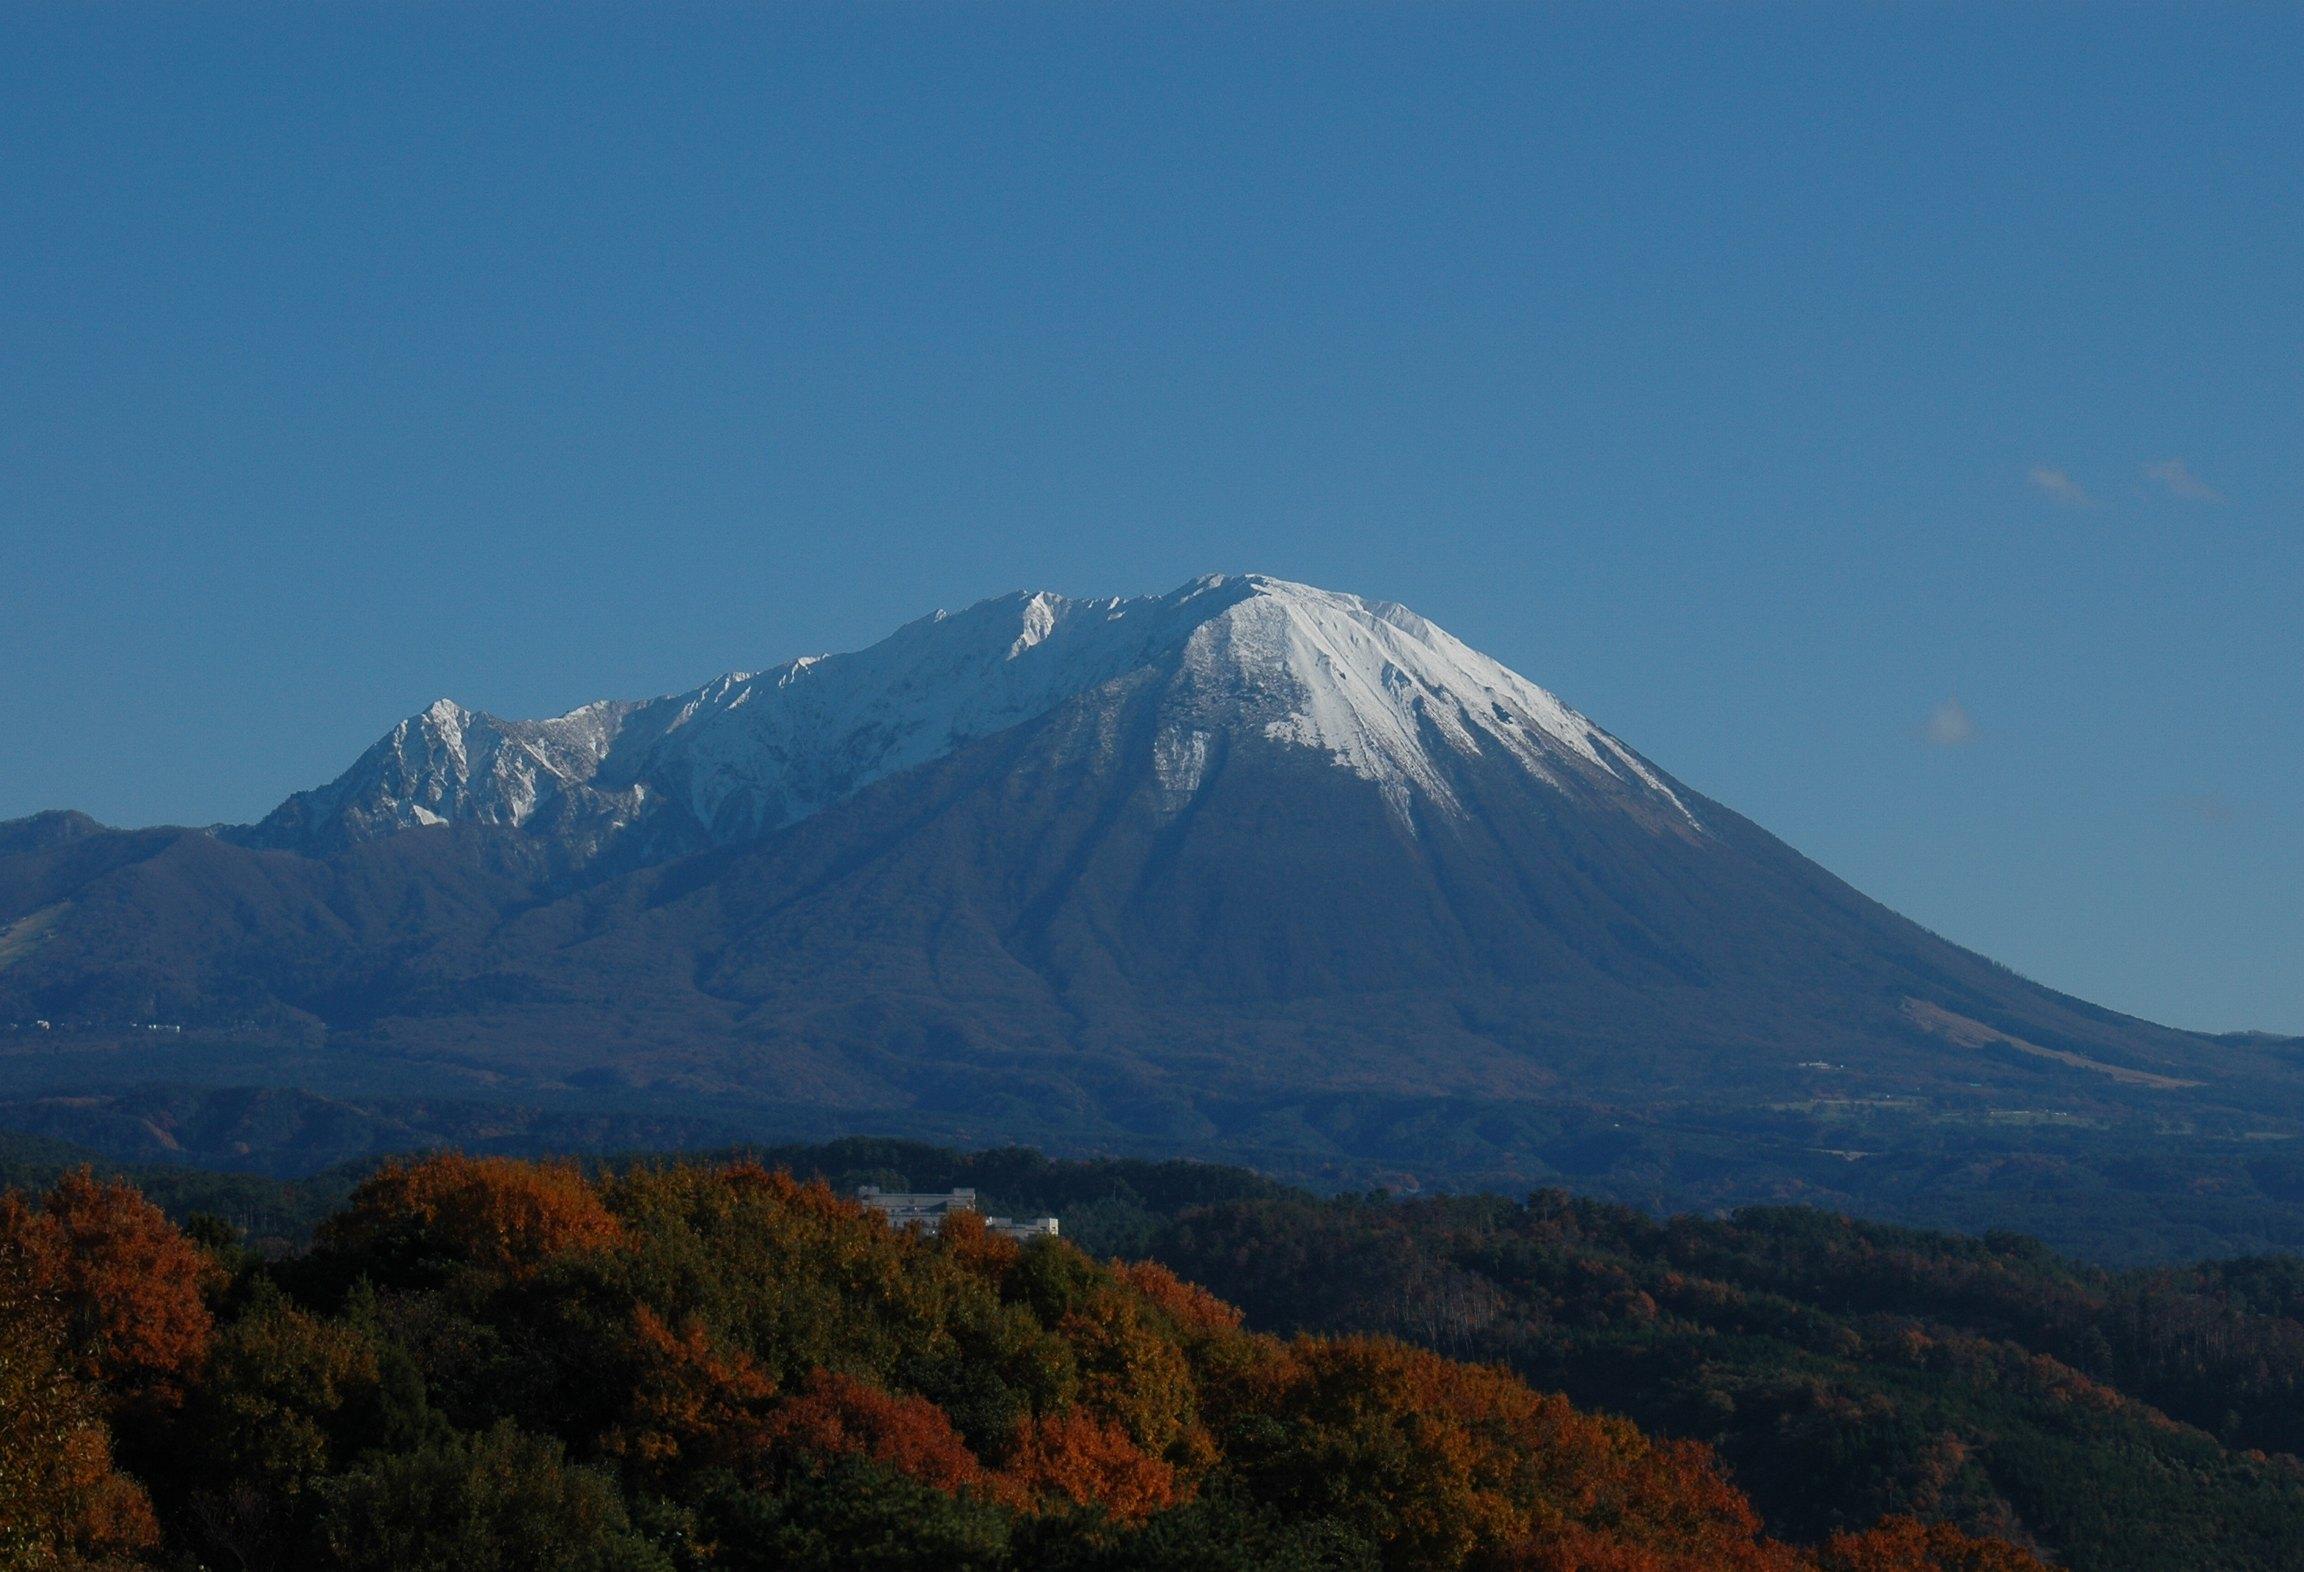 山頂に雪を残す伯耆富士大山